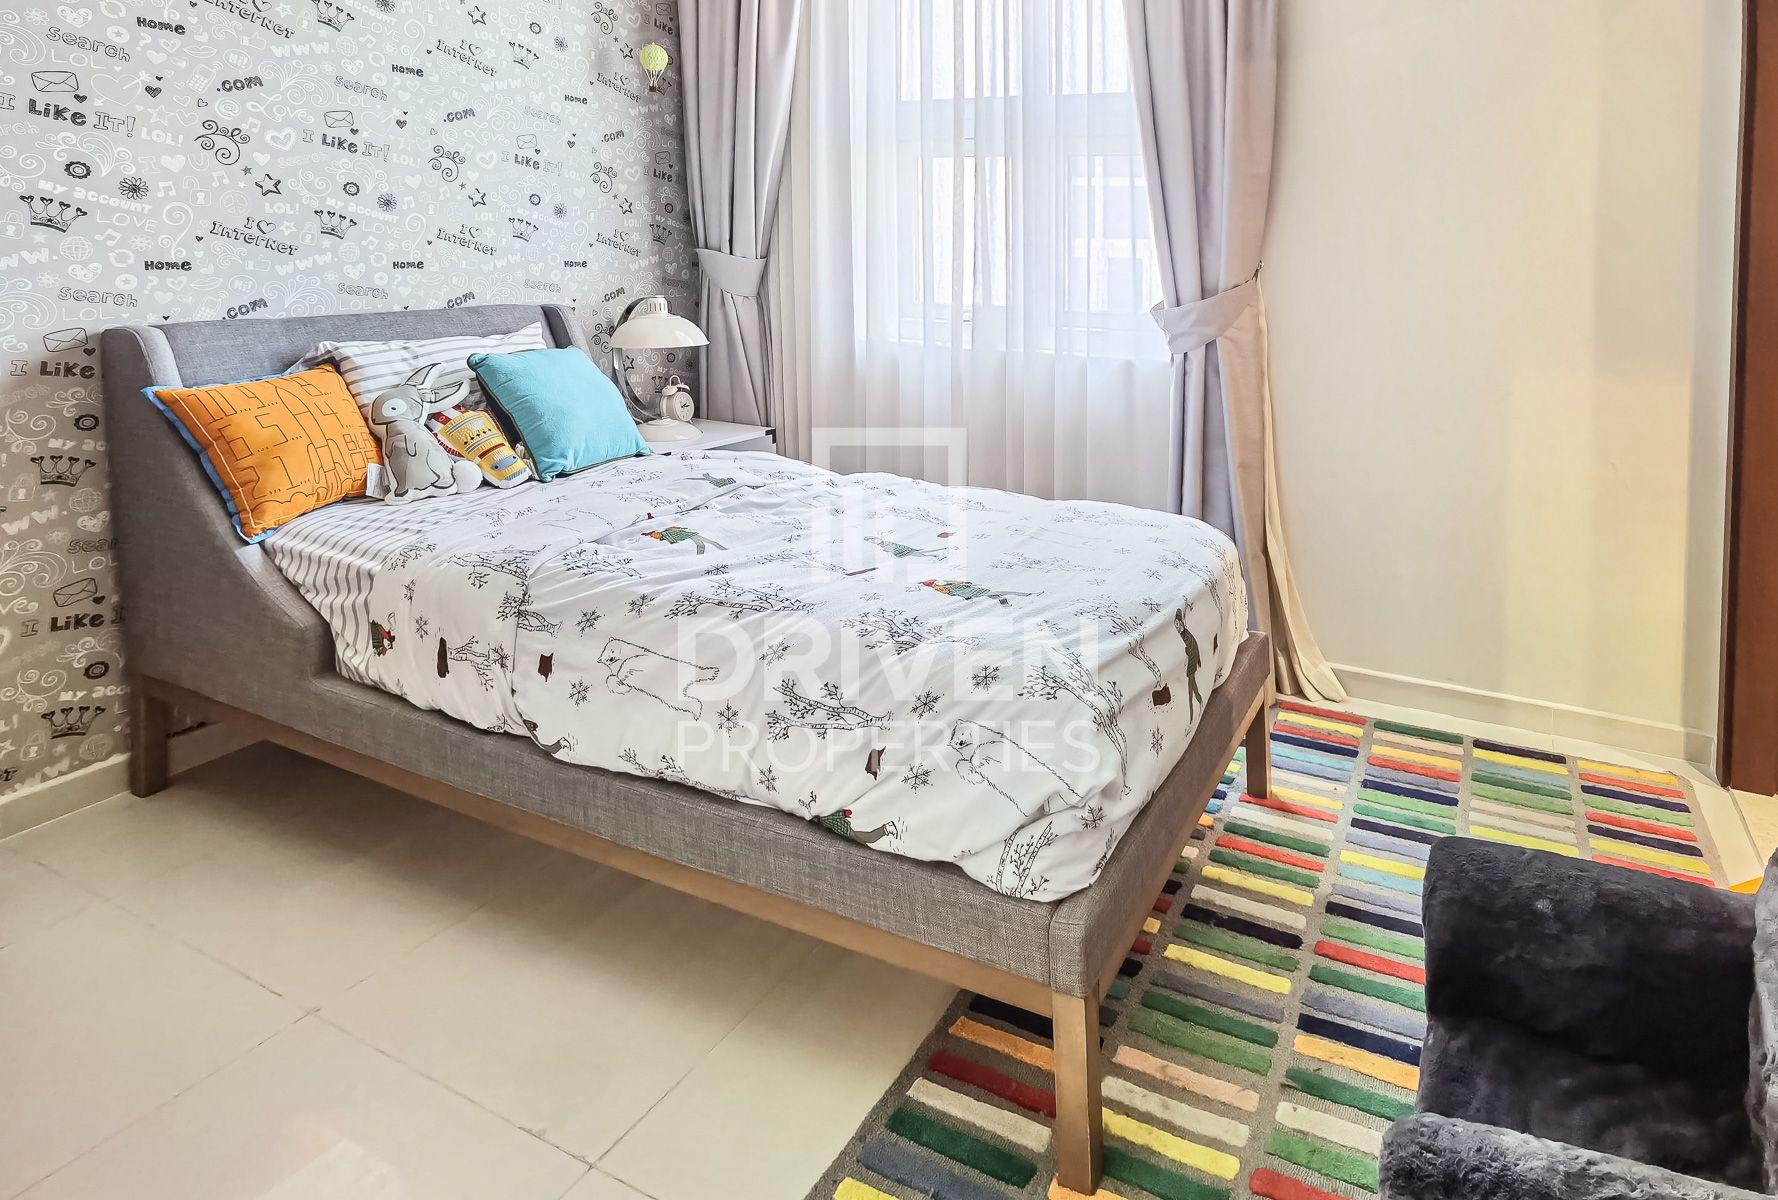 Townhouse for Sale in Aurum Villas - Damac Hills 2